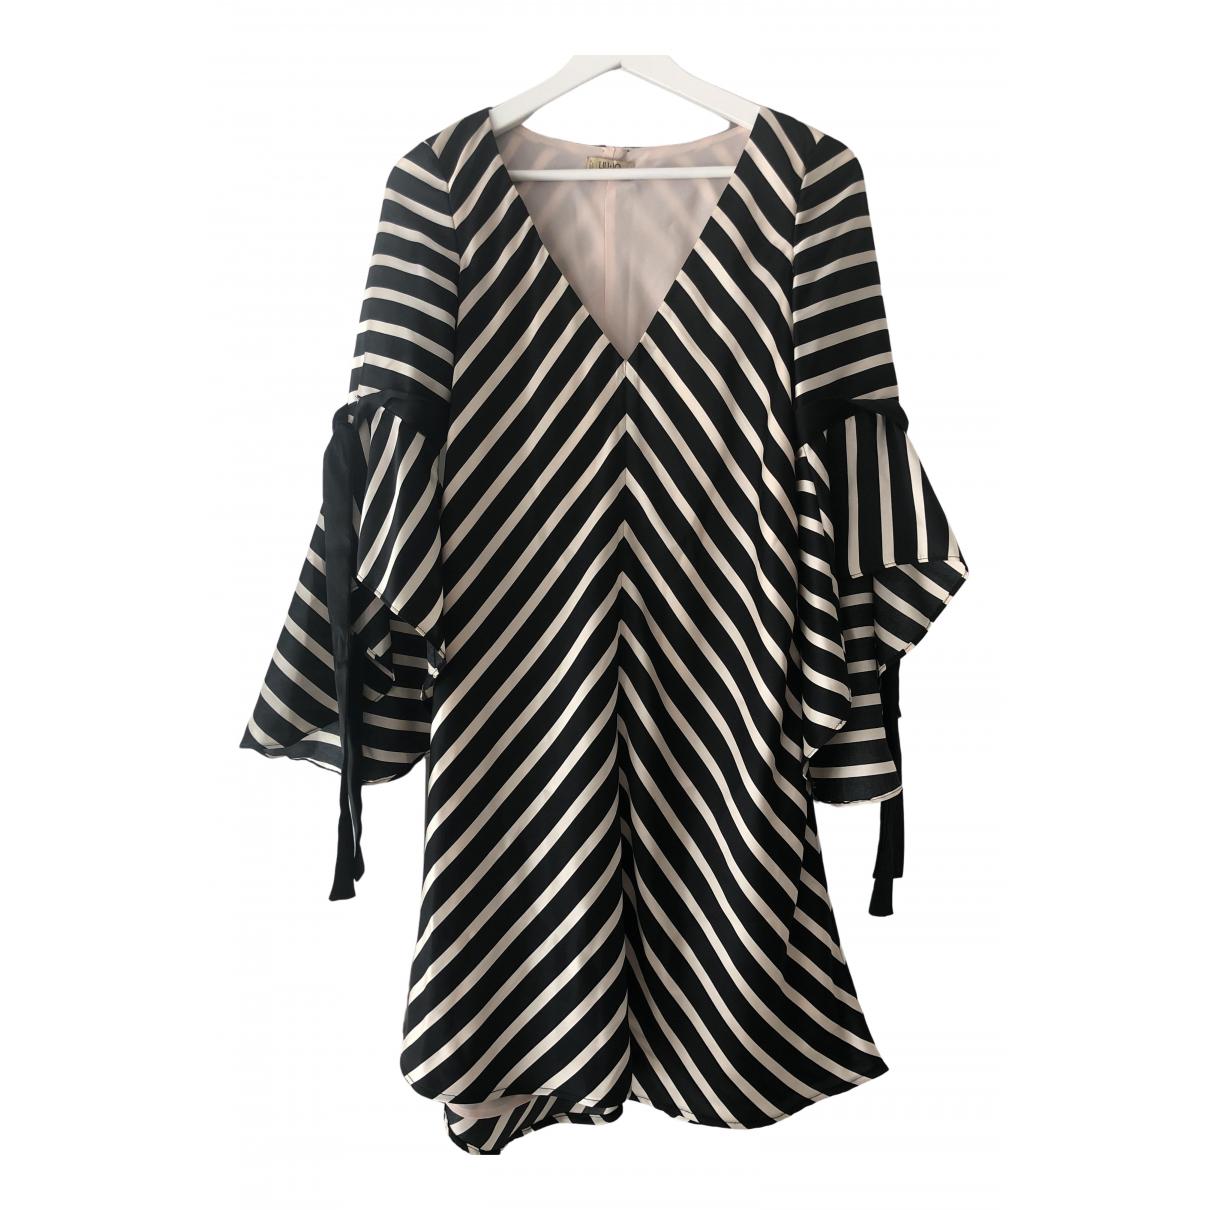 Liu.jo \N dress for Women 36 IT